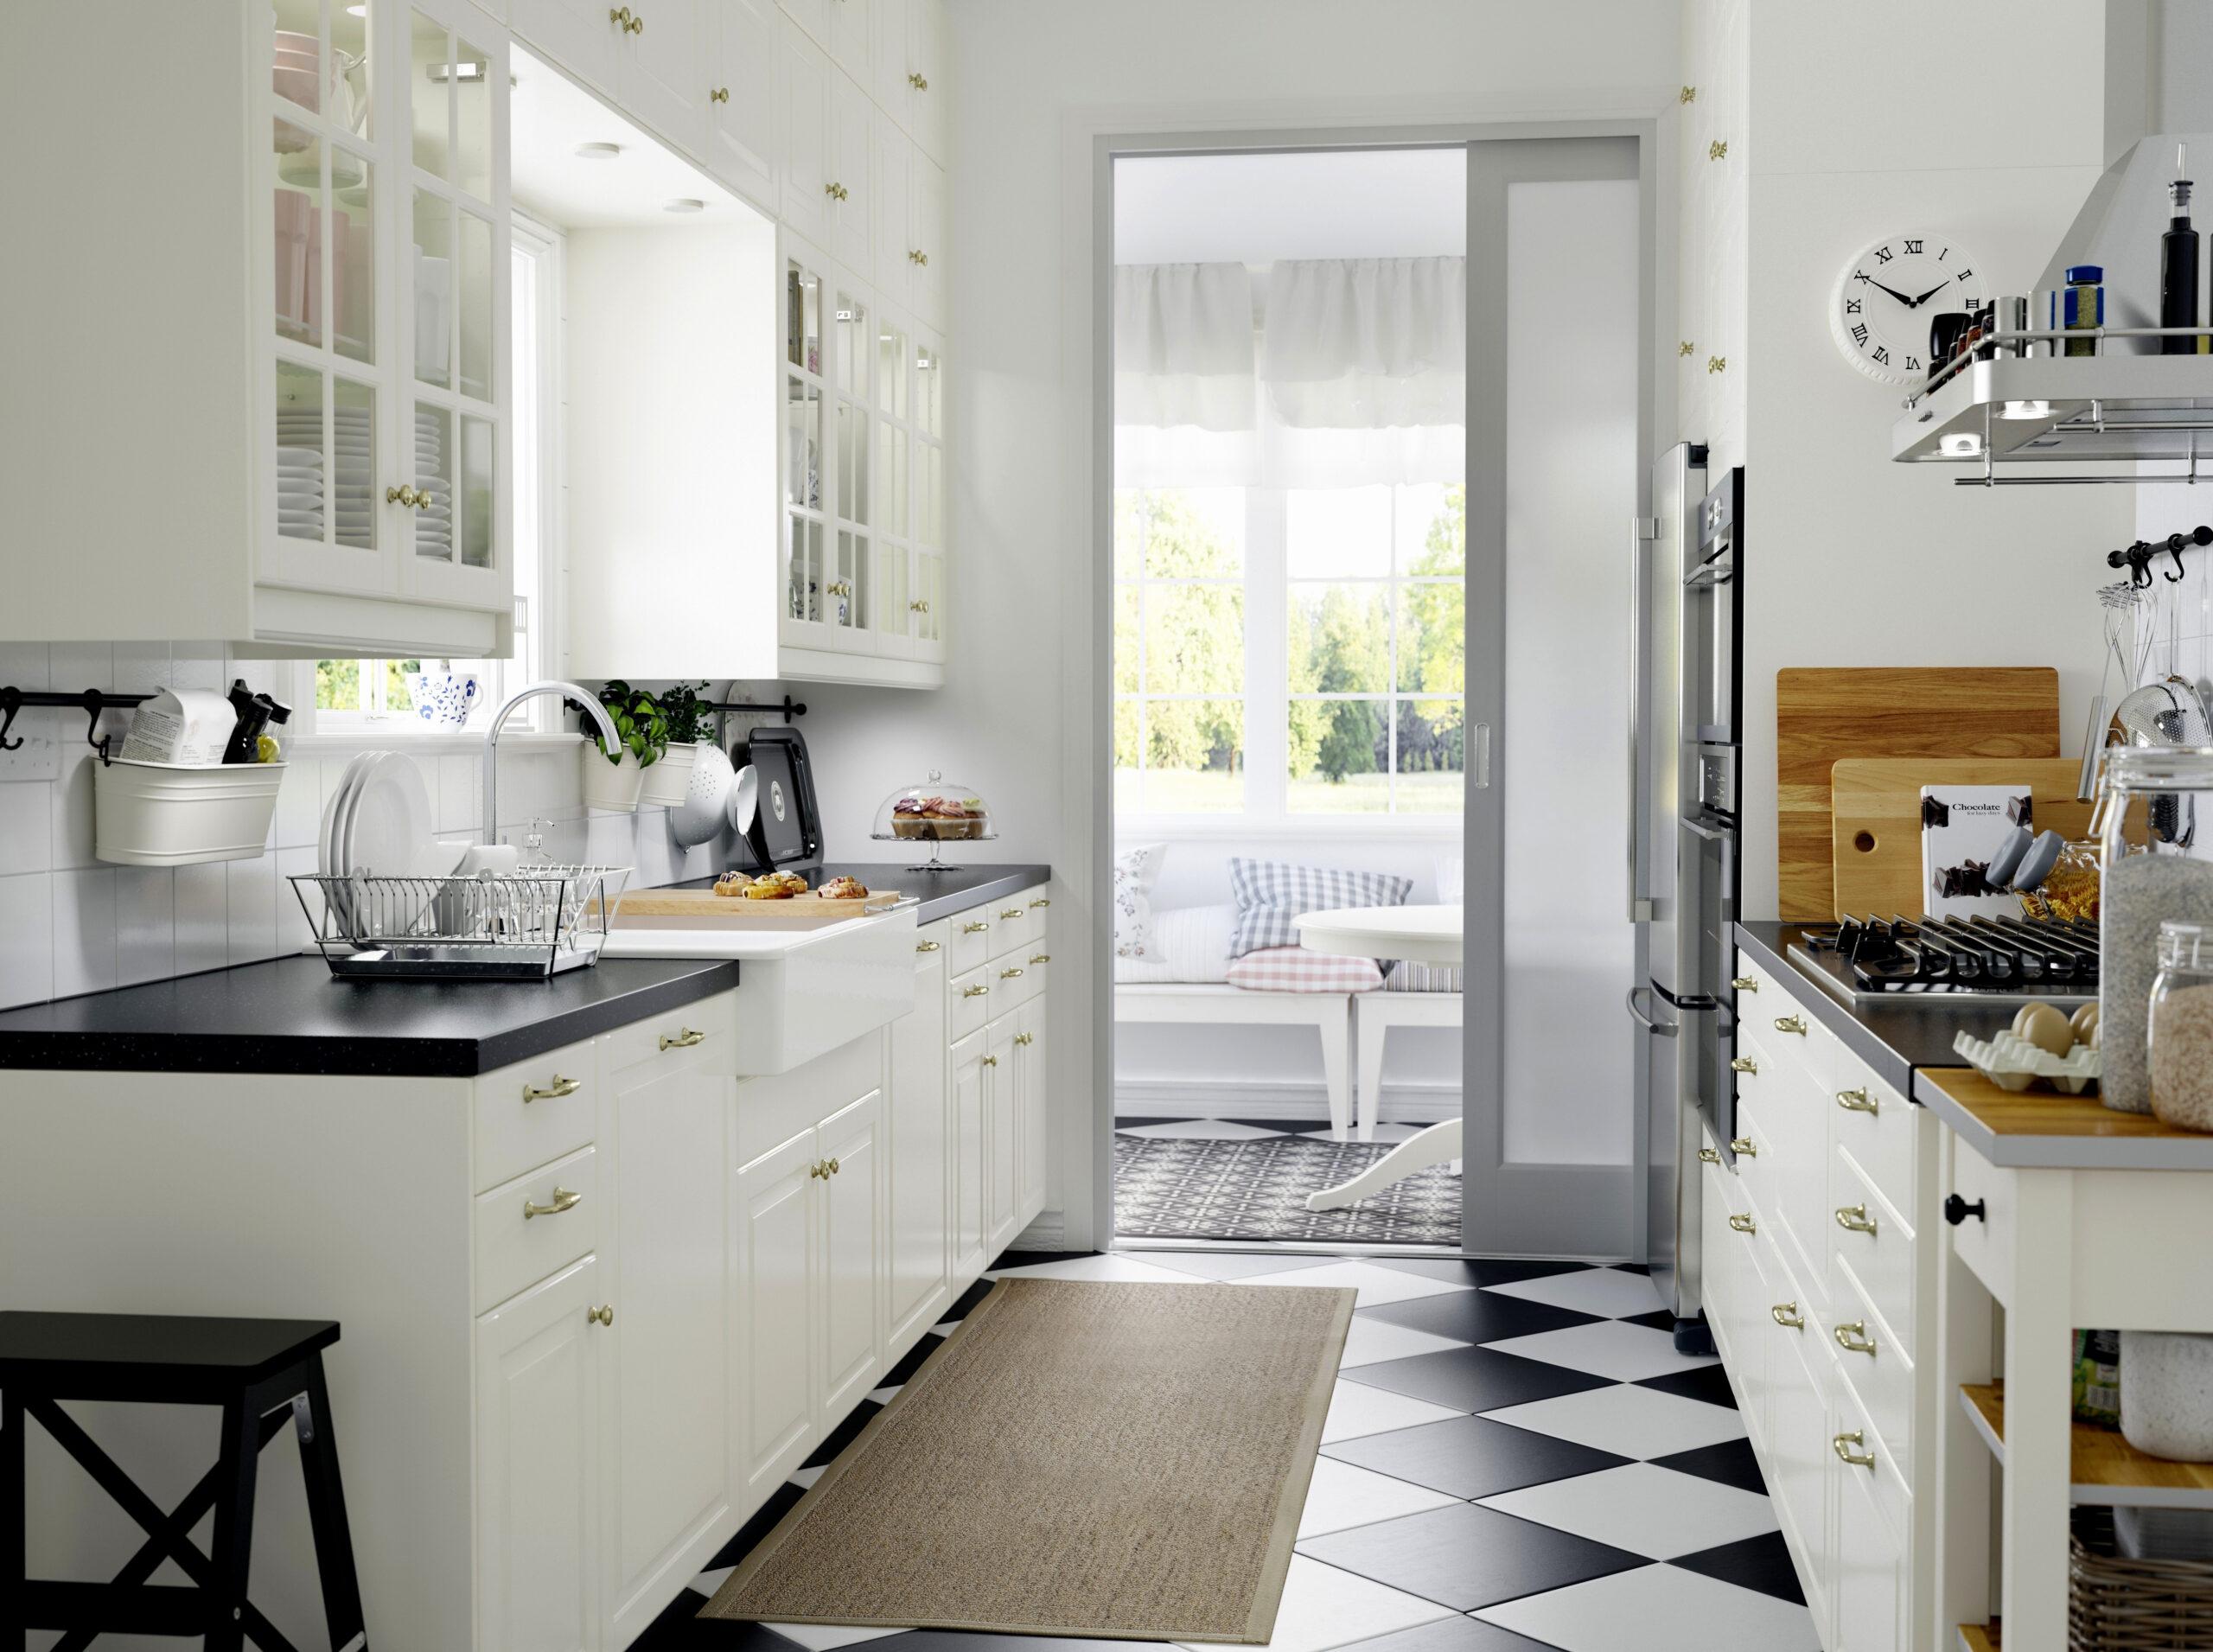 Full Size of Ikea Klapptisch Wand Küche Mintgrün Glaswand Mit Tresen Müllschrank Hochglanz Eckunterschrank Stehhilfe Rosa Einlegeböden Modulküche Holz Bodenbelag Wohnzimmer Vorhänge Küche Ikea